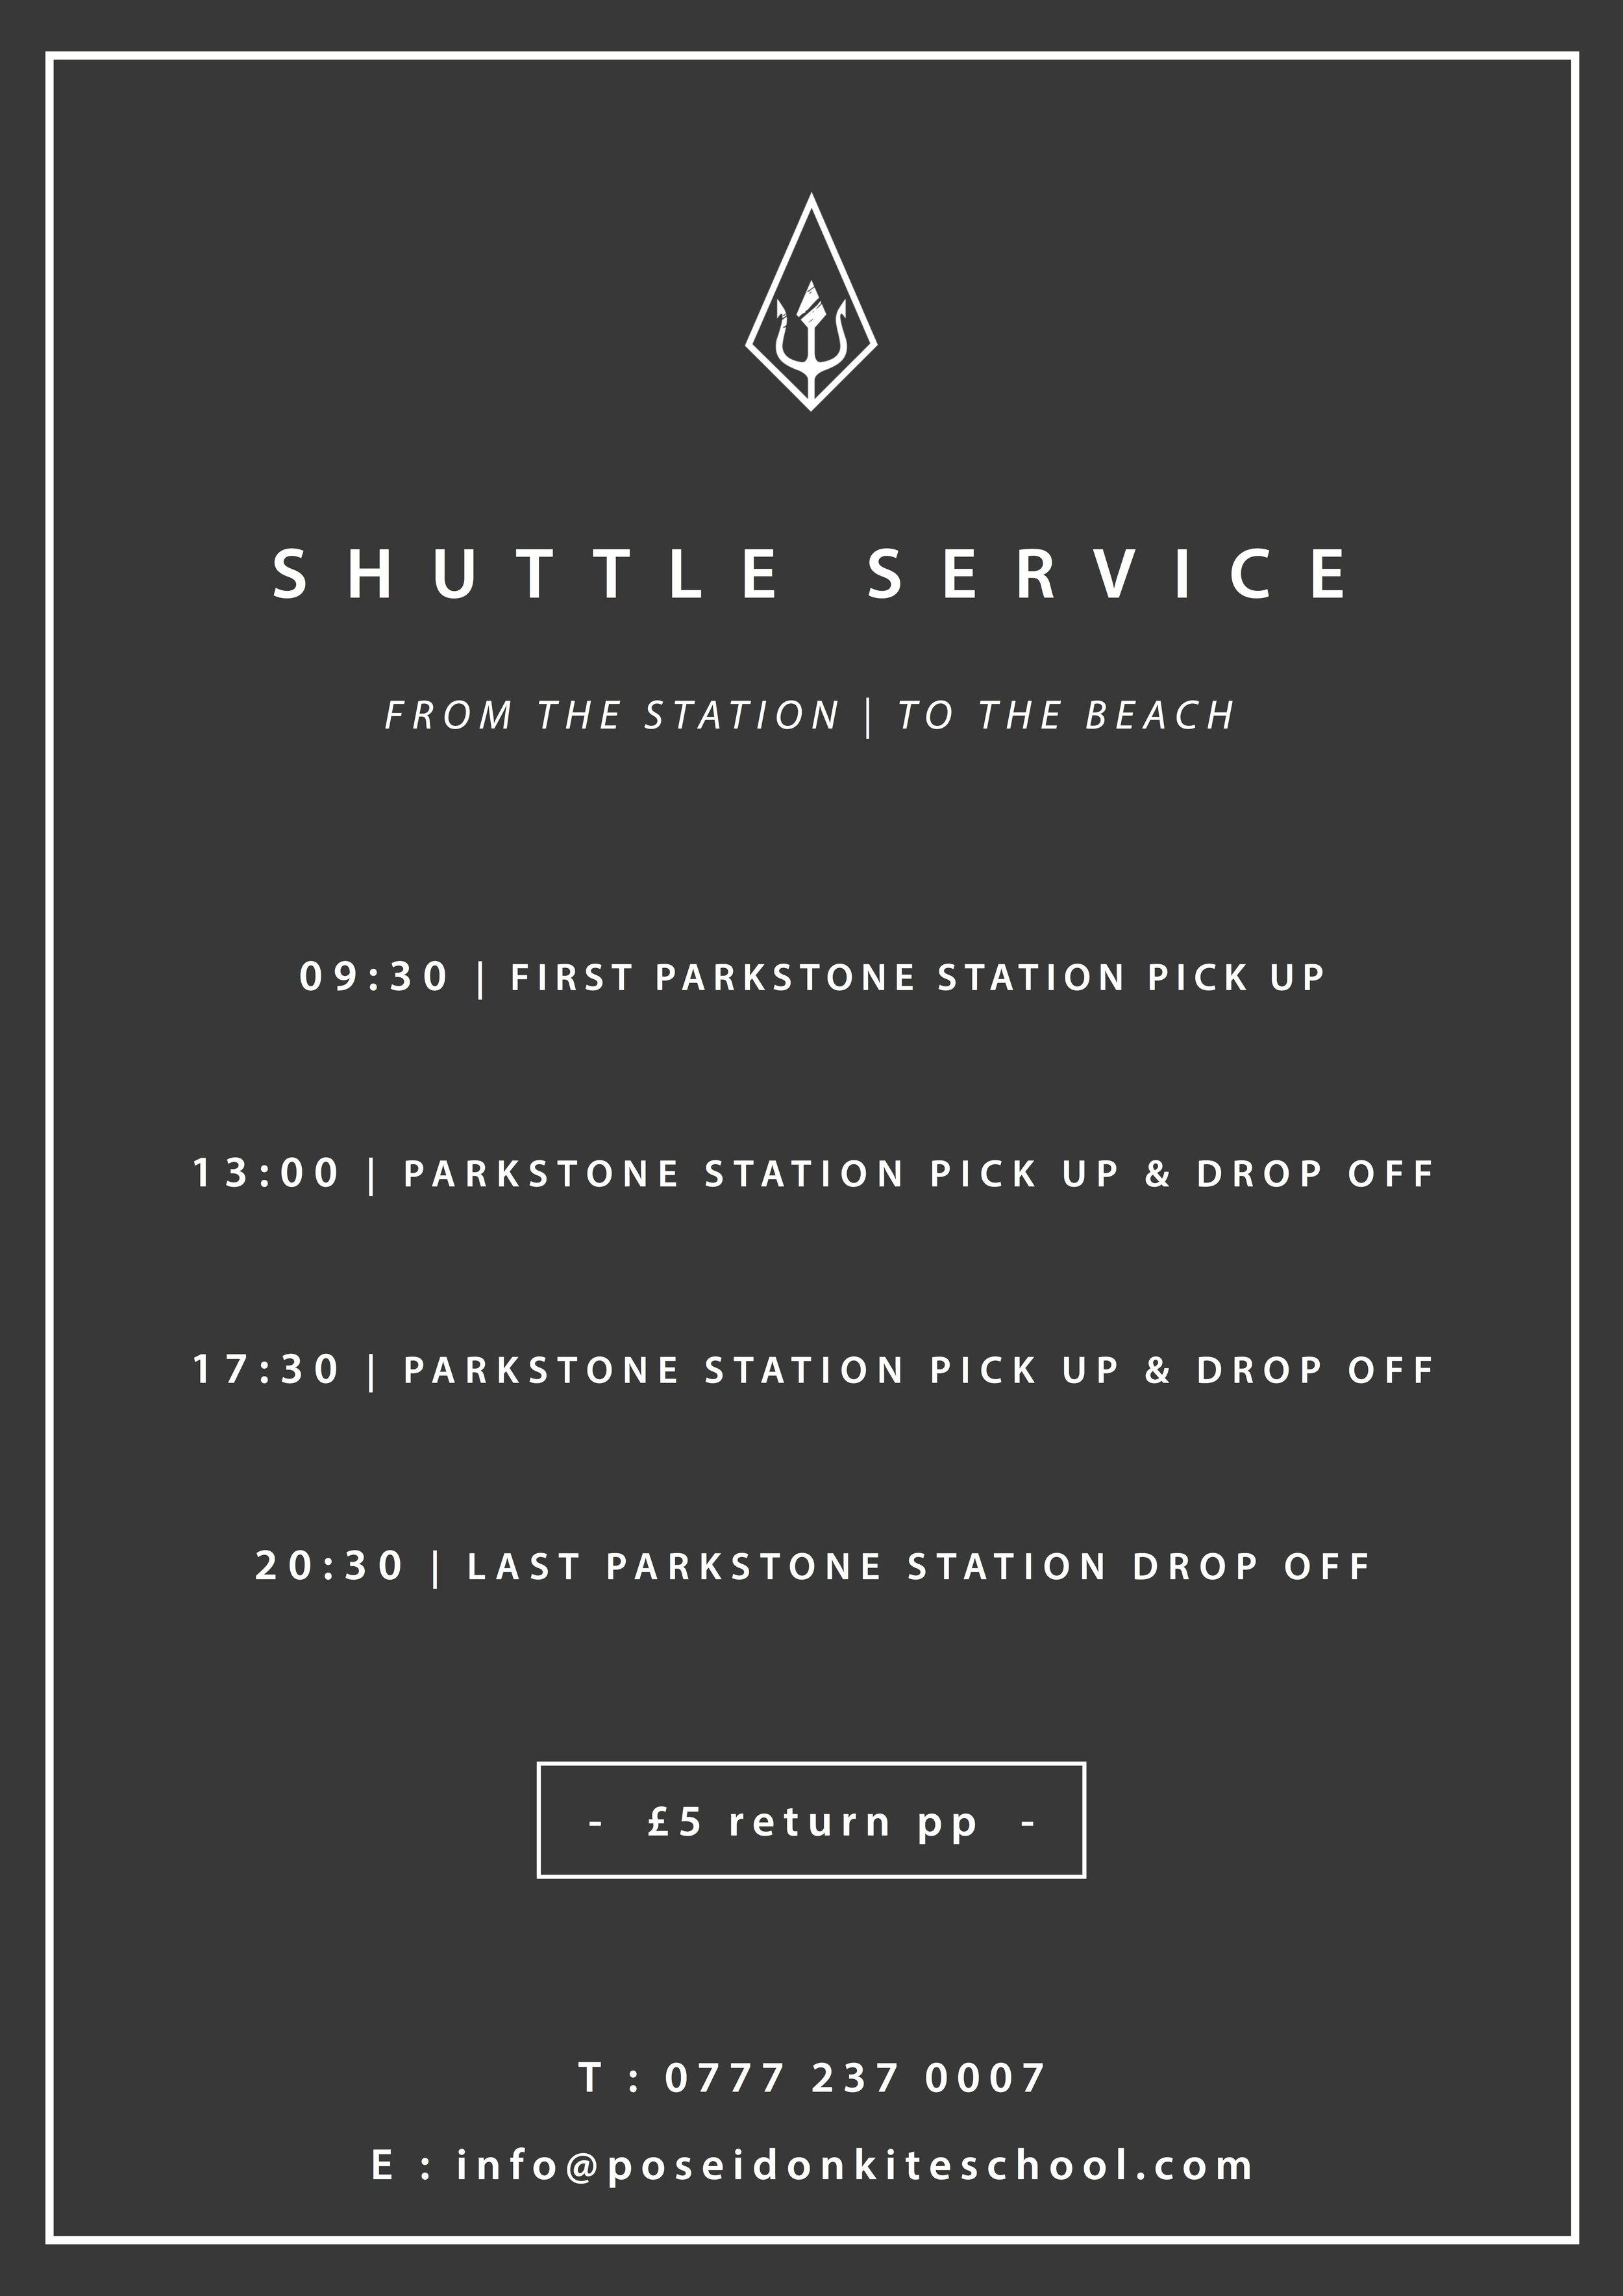 Shuttle_Service_Poster.jpg